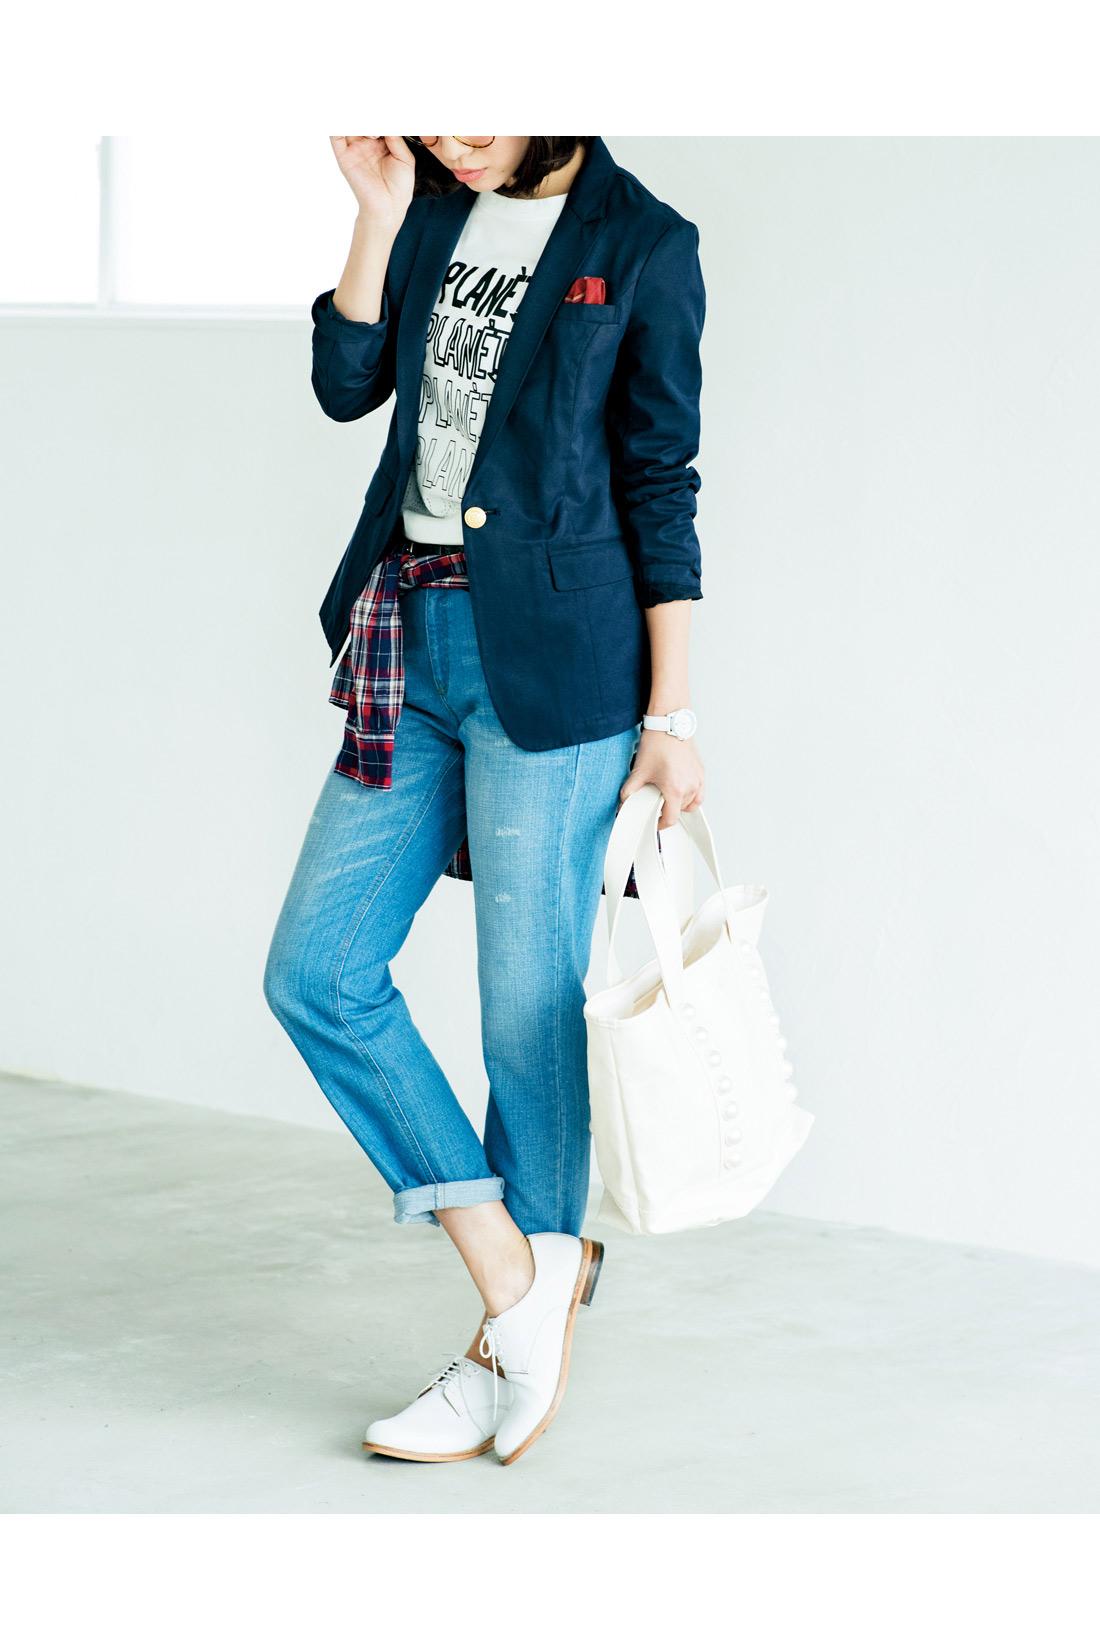 カジュアルになりがちなTシャツスタイルに。きちんと感ある紺ブレがきれいにまとめつつ、遊び心もほんのりと。